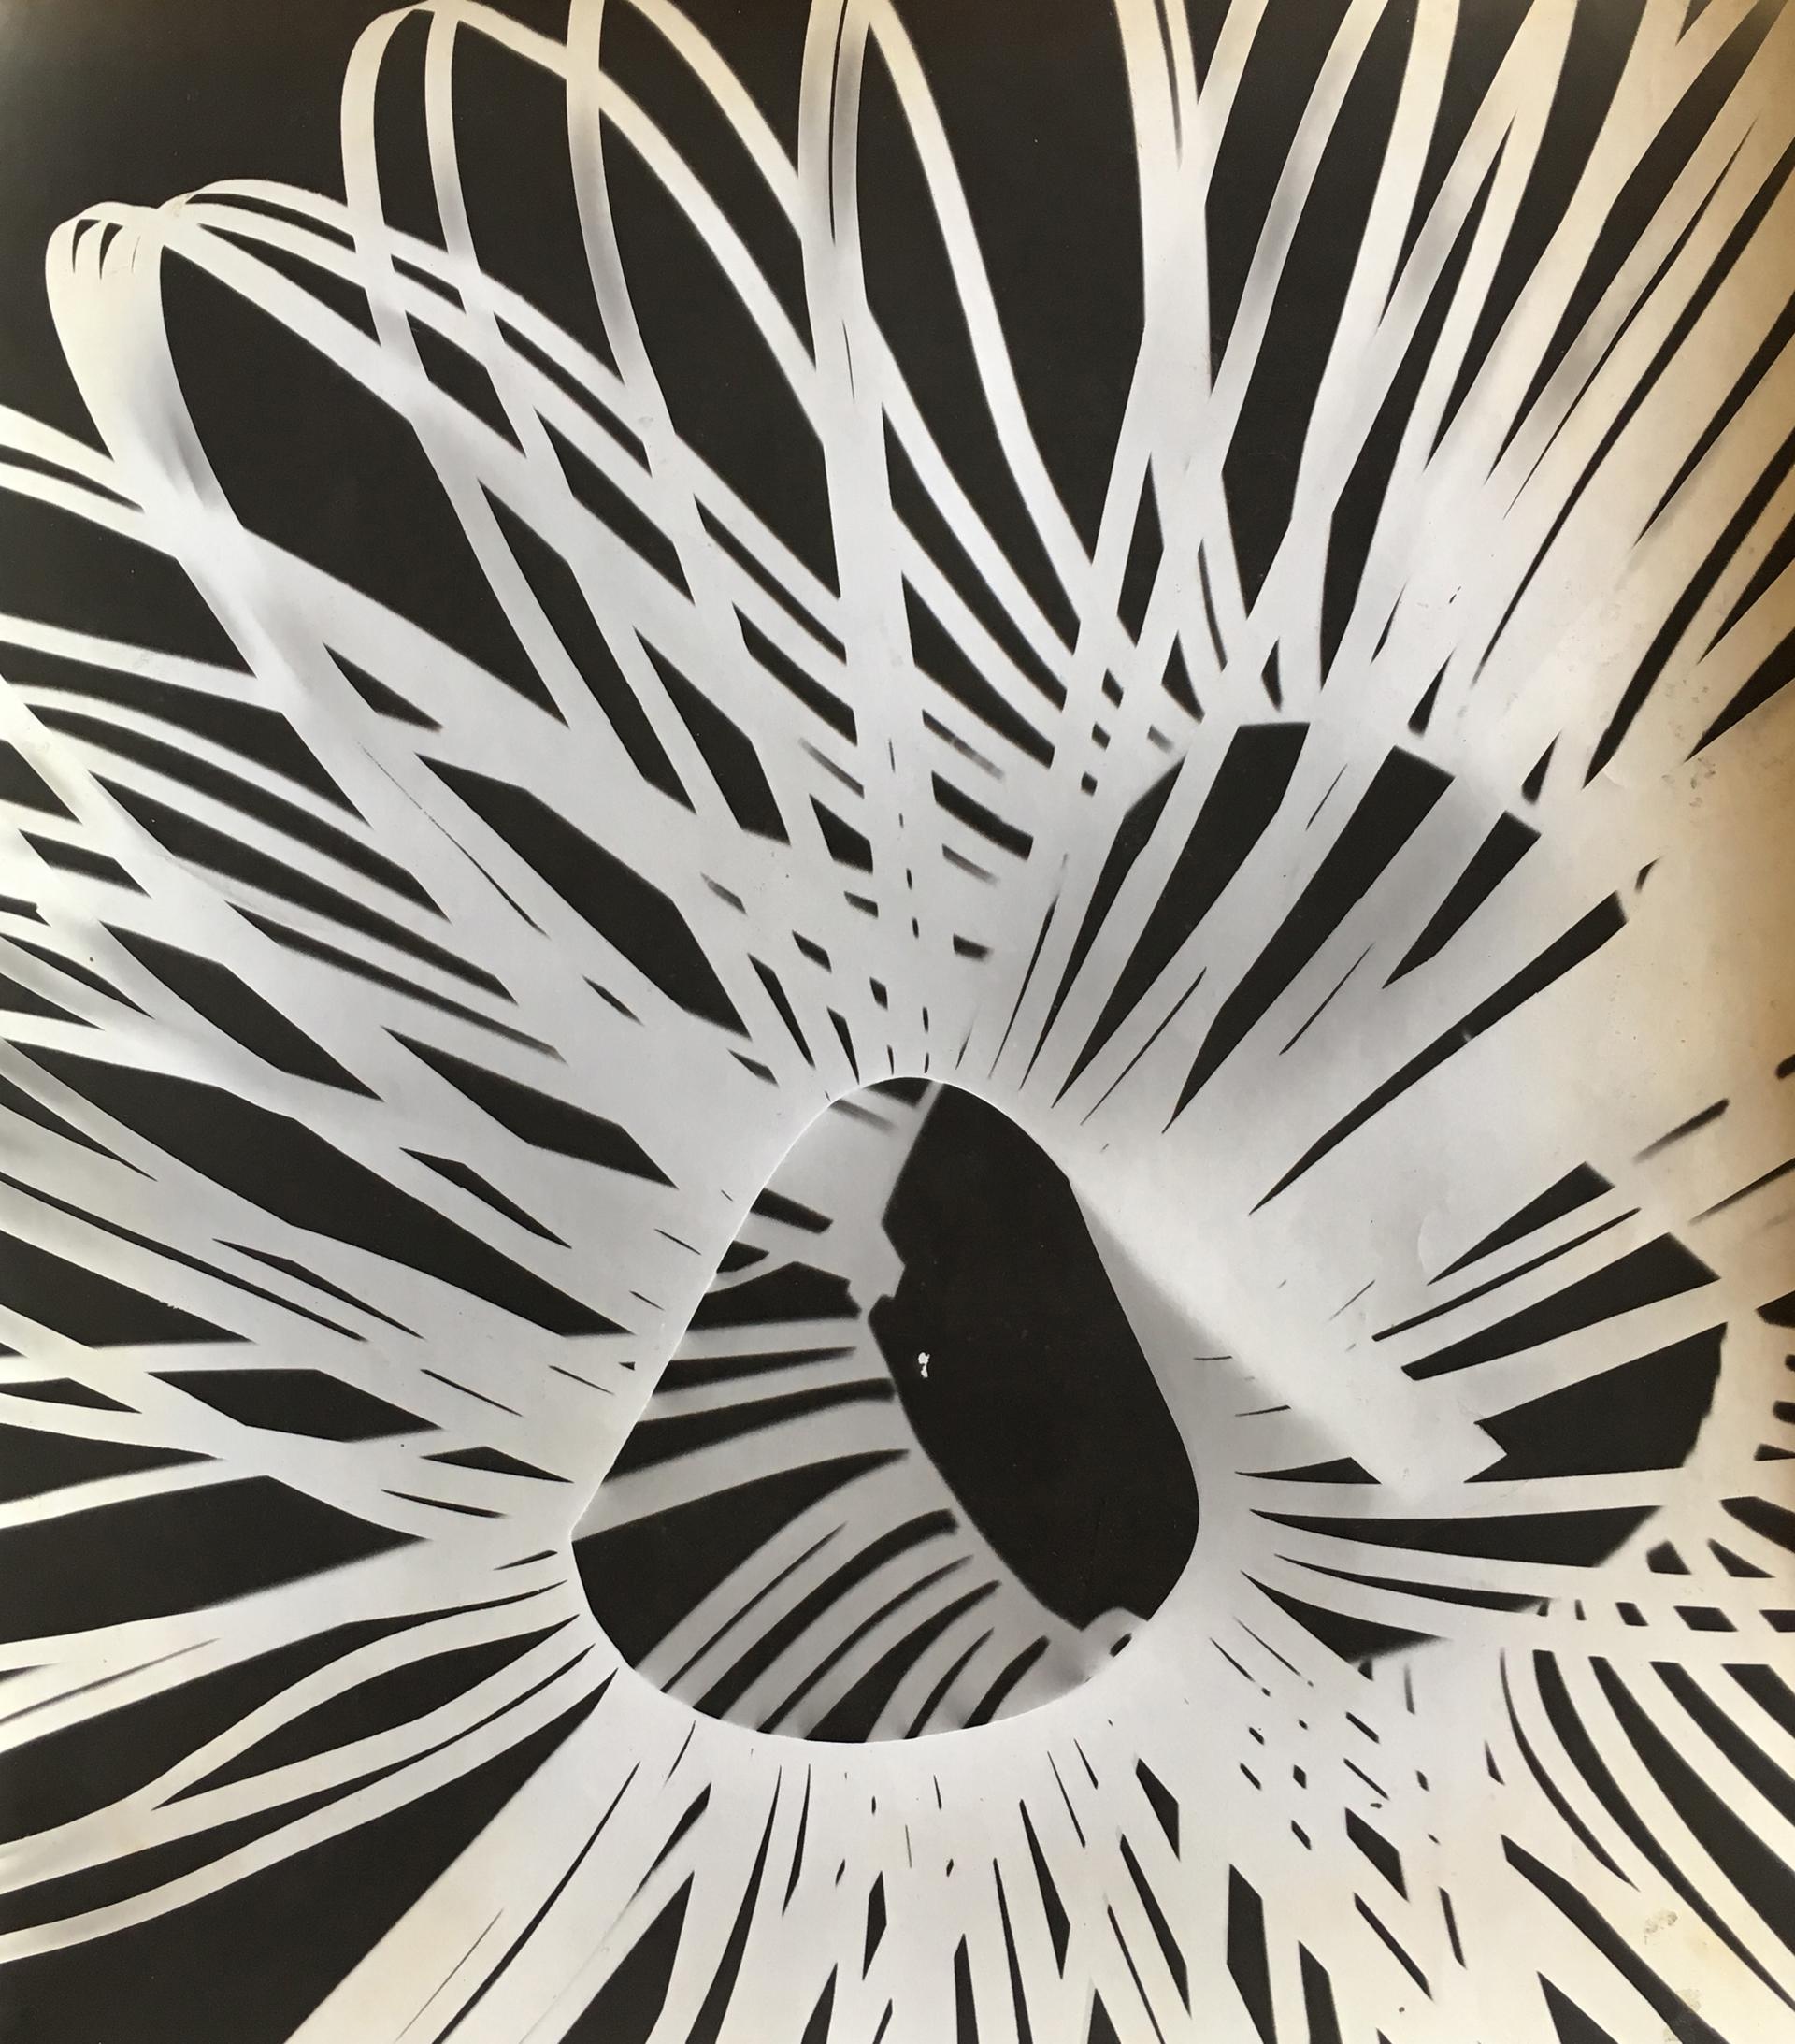 Galería: Aldo de Sousa | Buenos Aires. Artista: Jorge Pereira. Título: Sin título. Técnica: Fotograma. Año: 1964. Medidas: 33 x 29 cm.